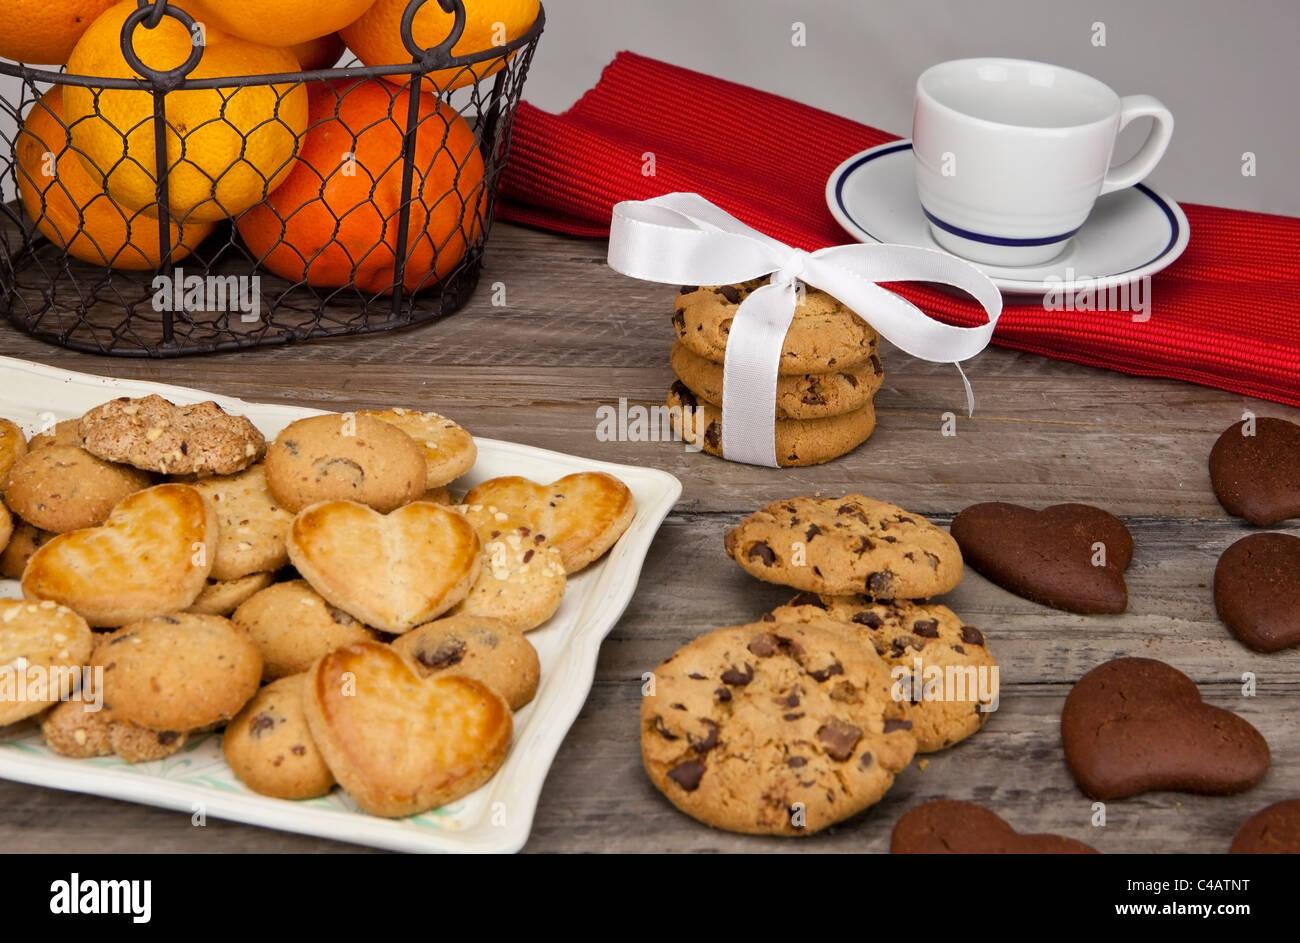 Tabla de decorado para una merienda con frutas, leche y galletas Imagen De Stock